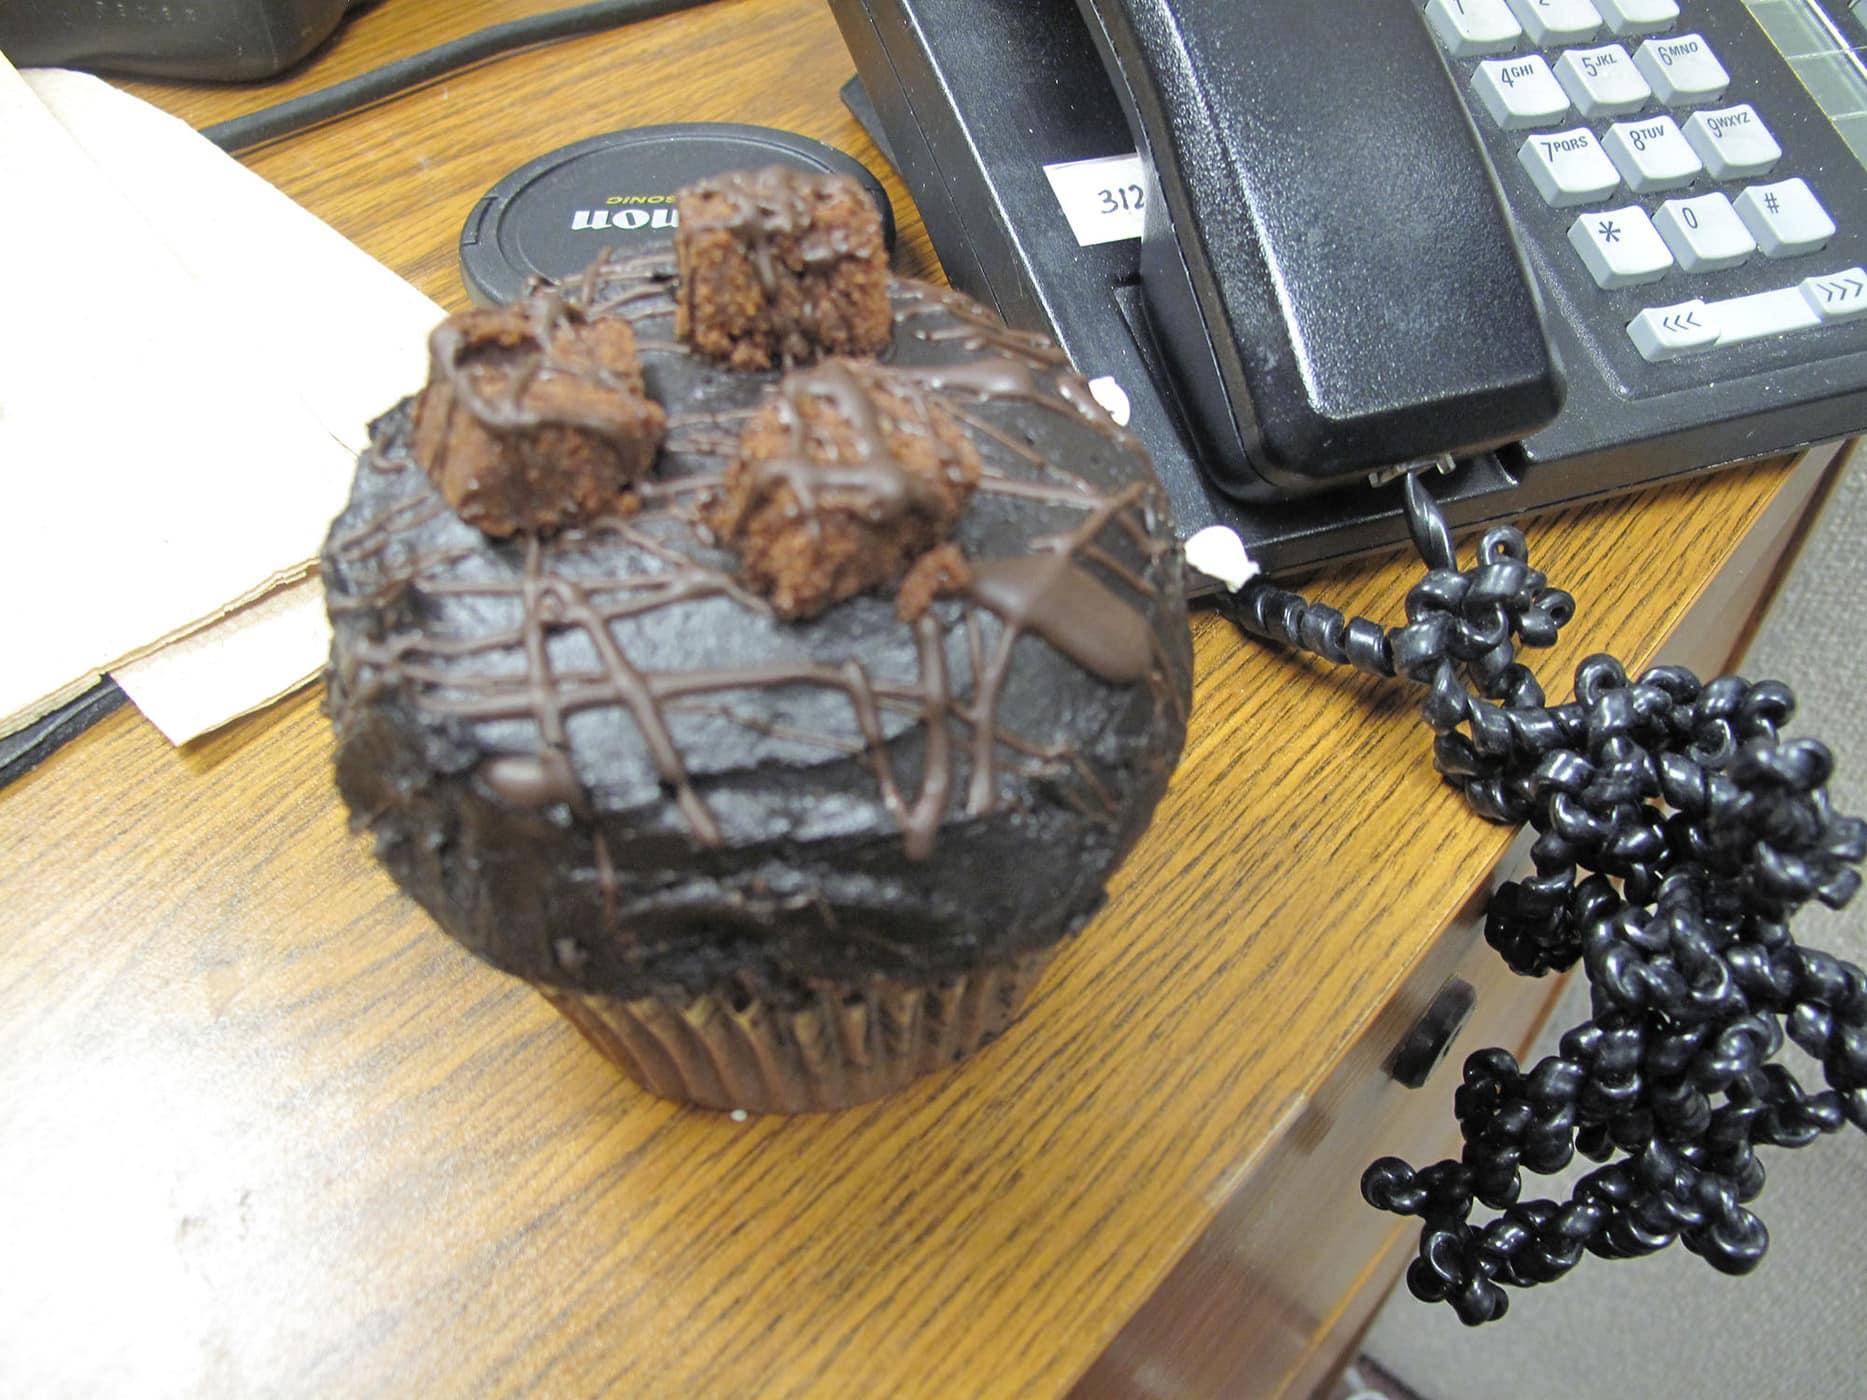 Brownie cupcake from Crumbs Bake Shop